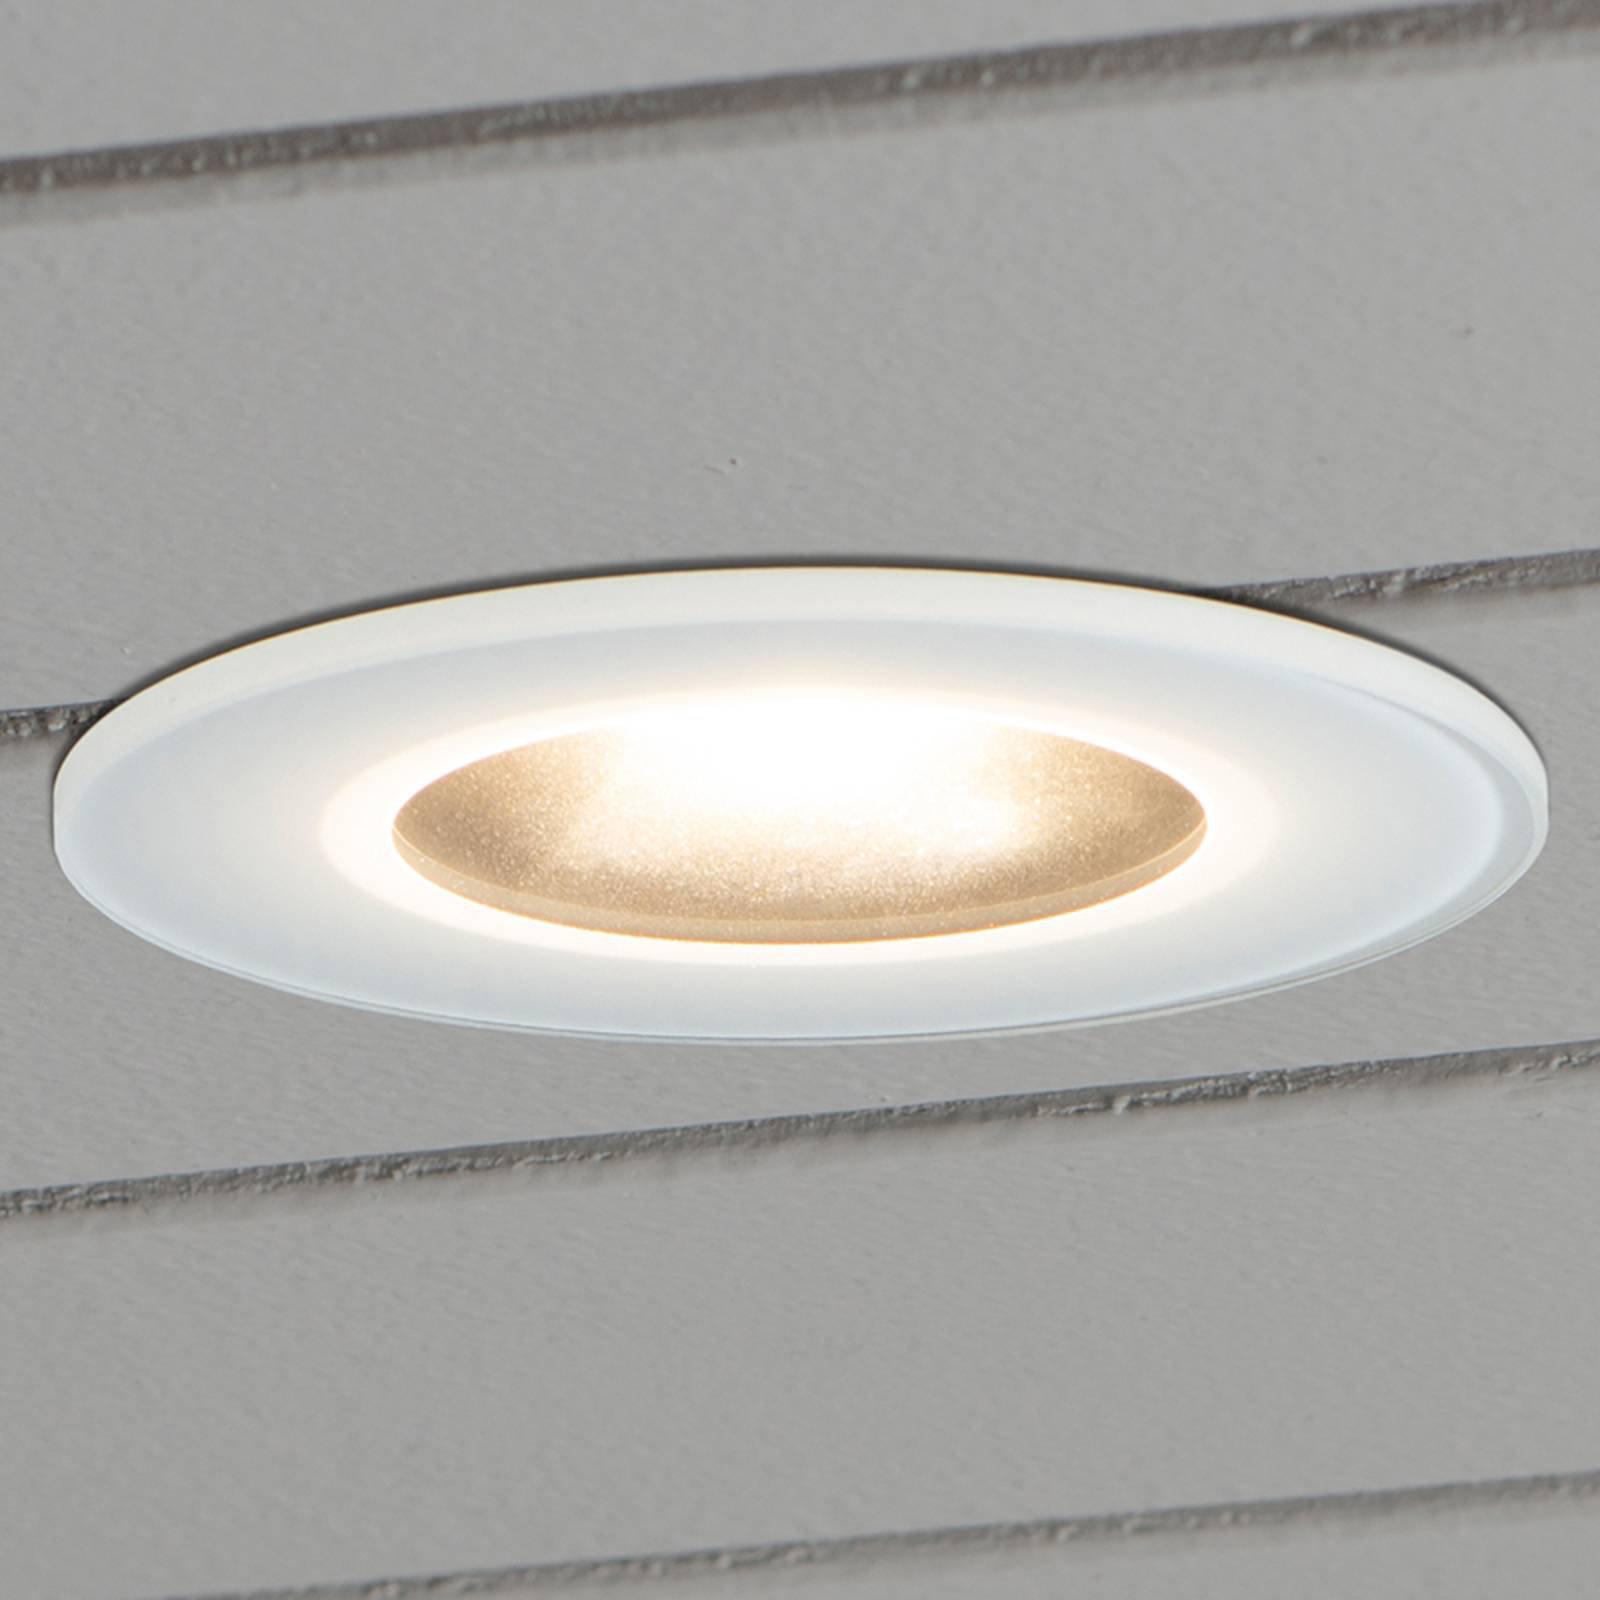 LED-downlight 7875 tak utendørs, hvit